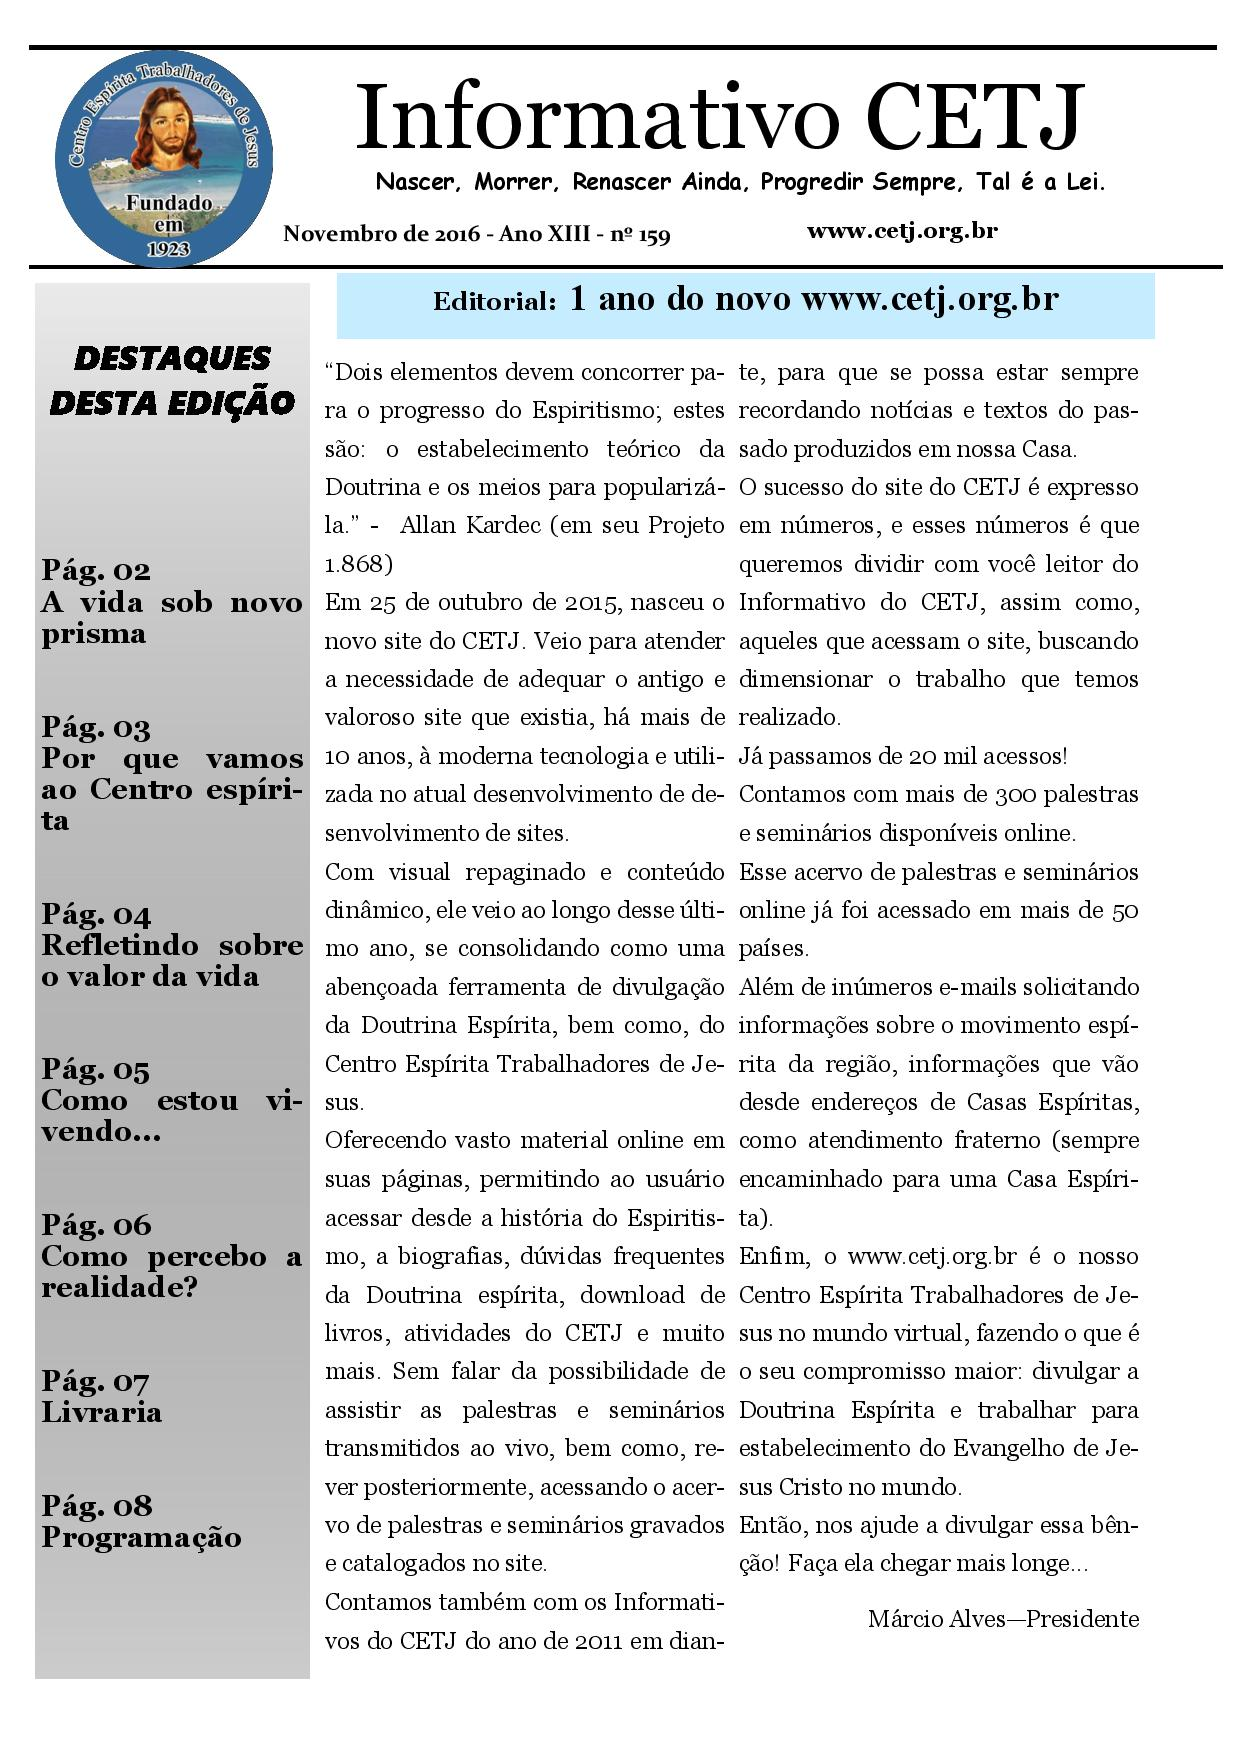 informativo-novembro-de-2016_net-page-001